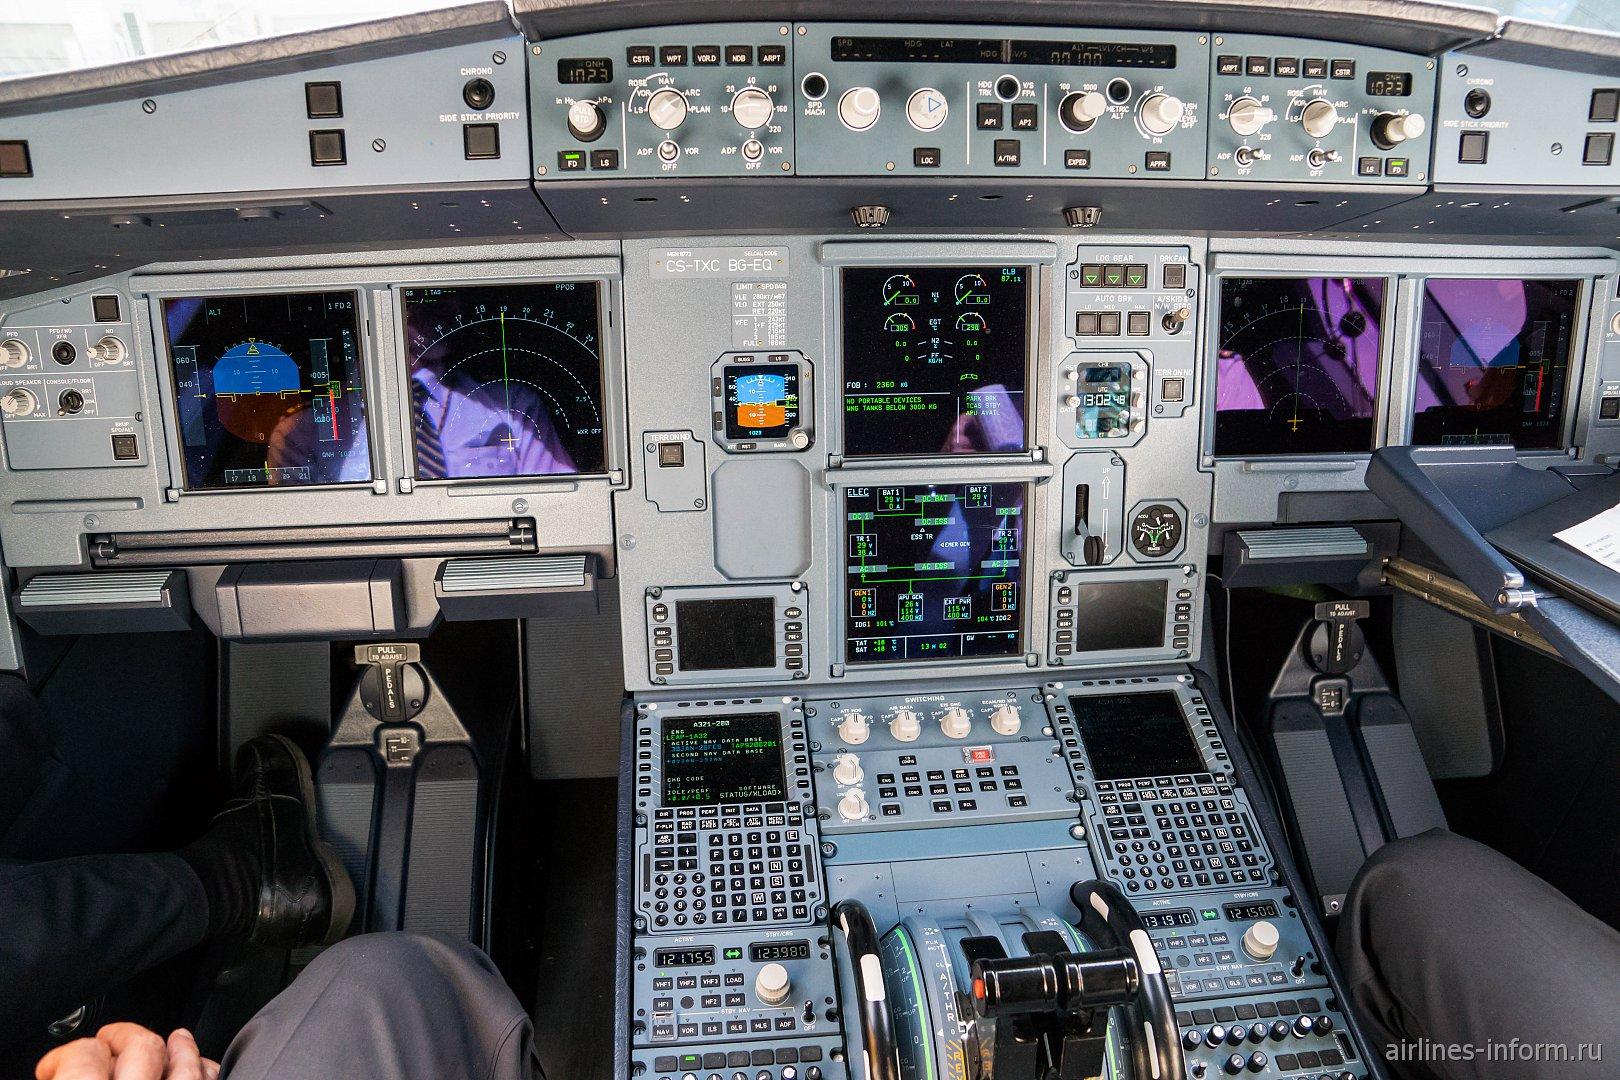 Приборная панель в авиалайнере Airbus A321neo